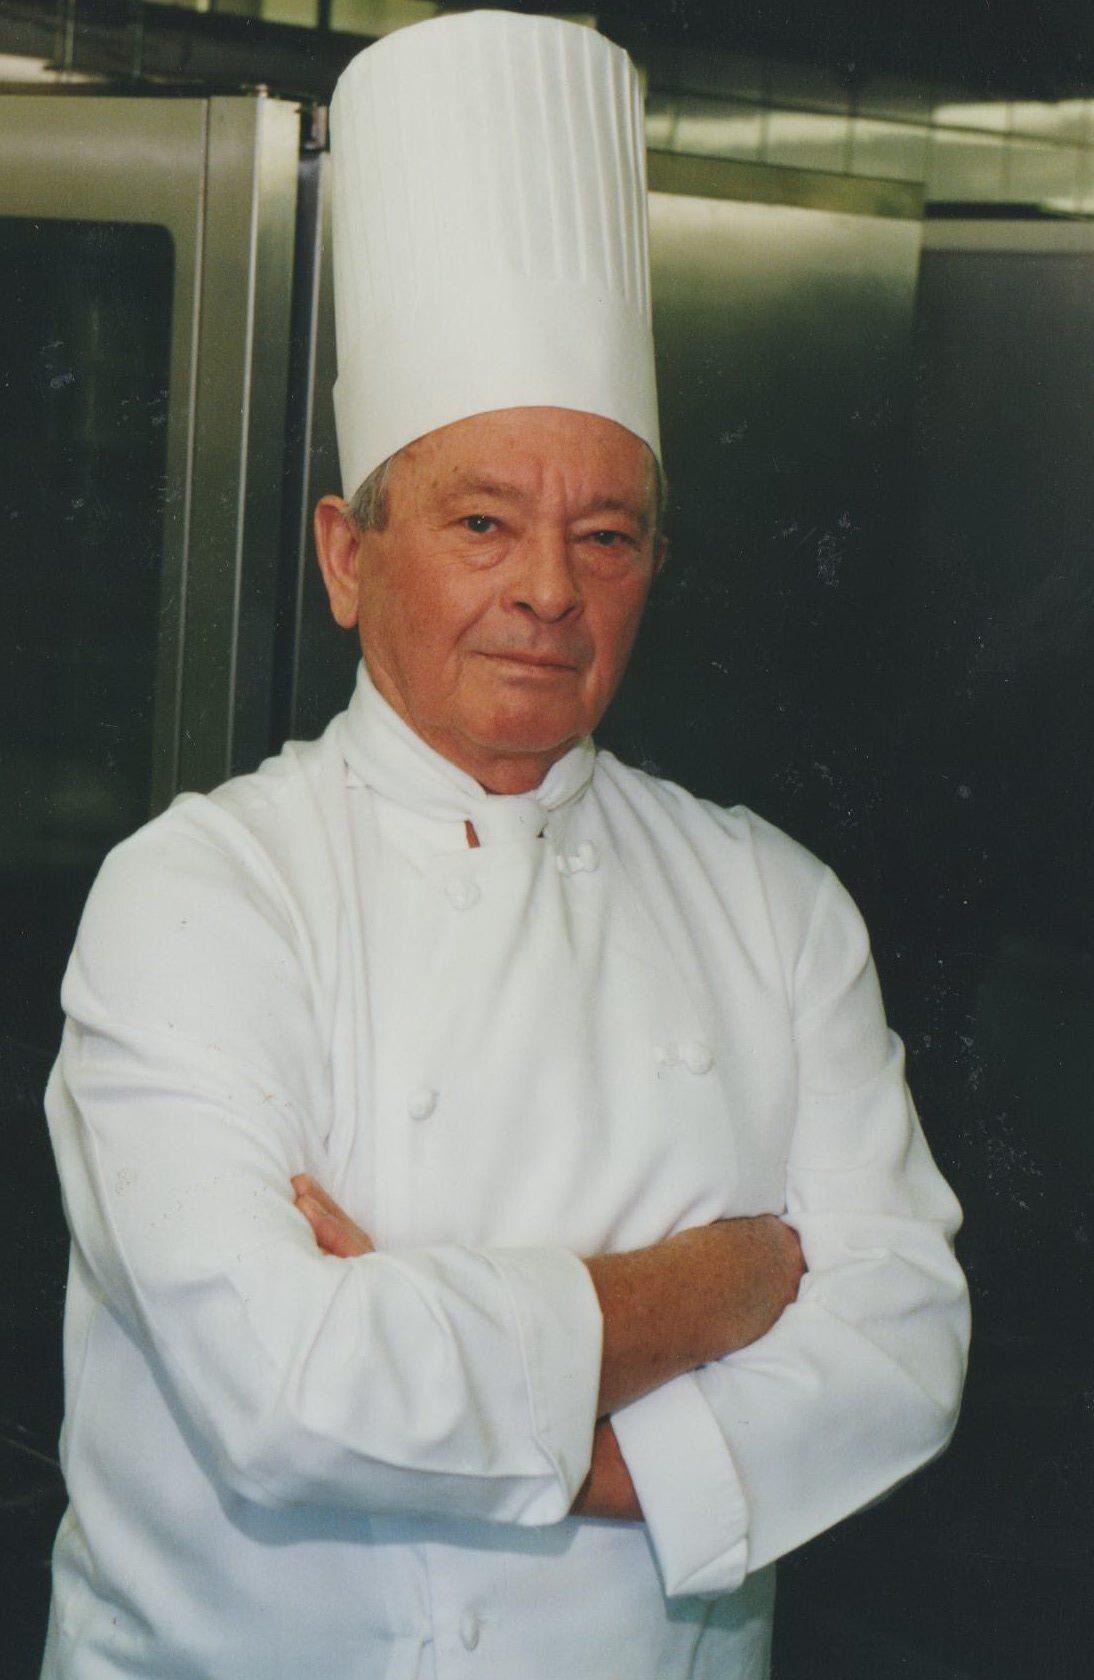 Marcel Kretz sapiniere 1